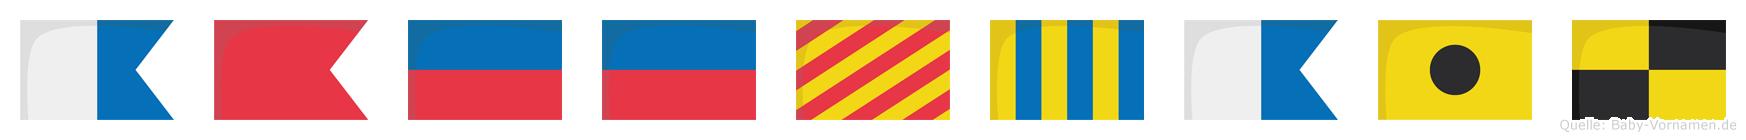 Abeeygail im Flaggenalphabet